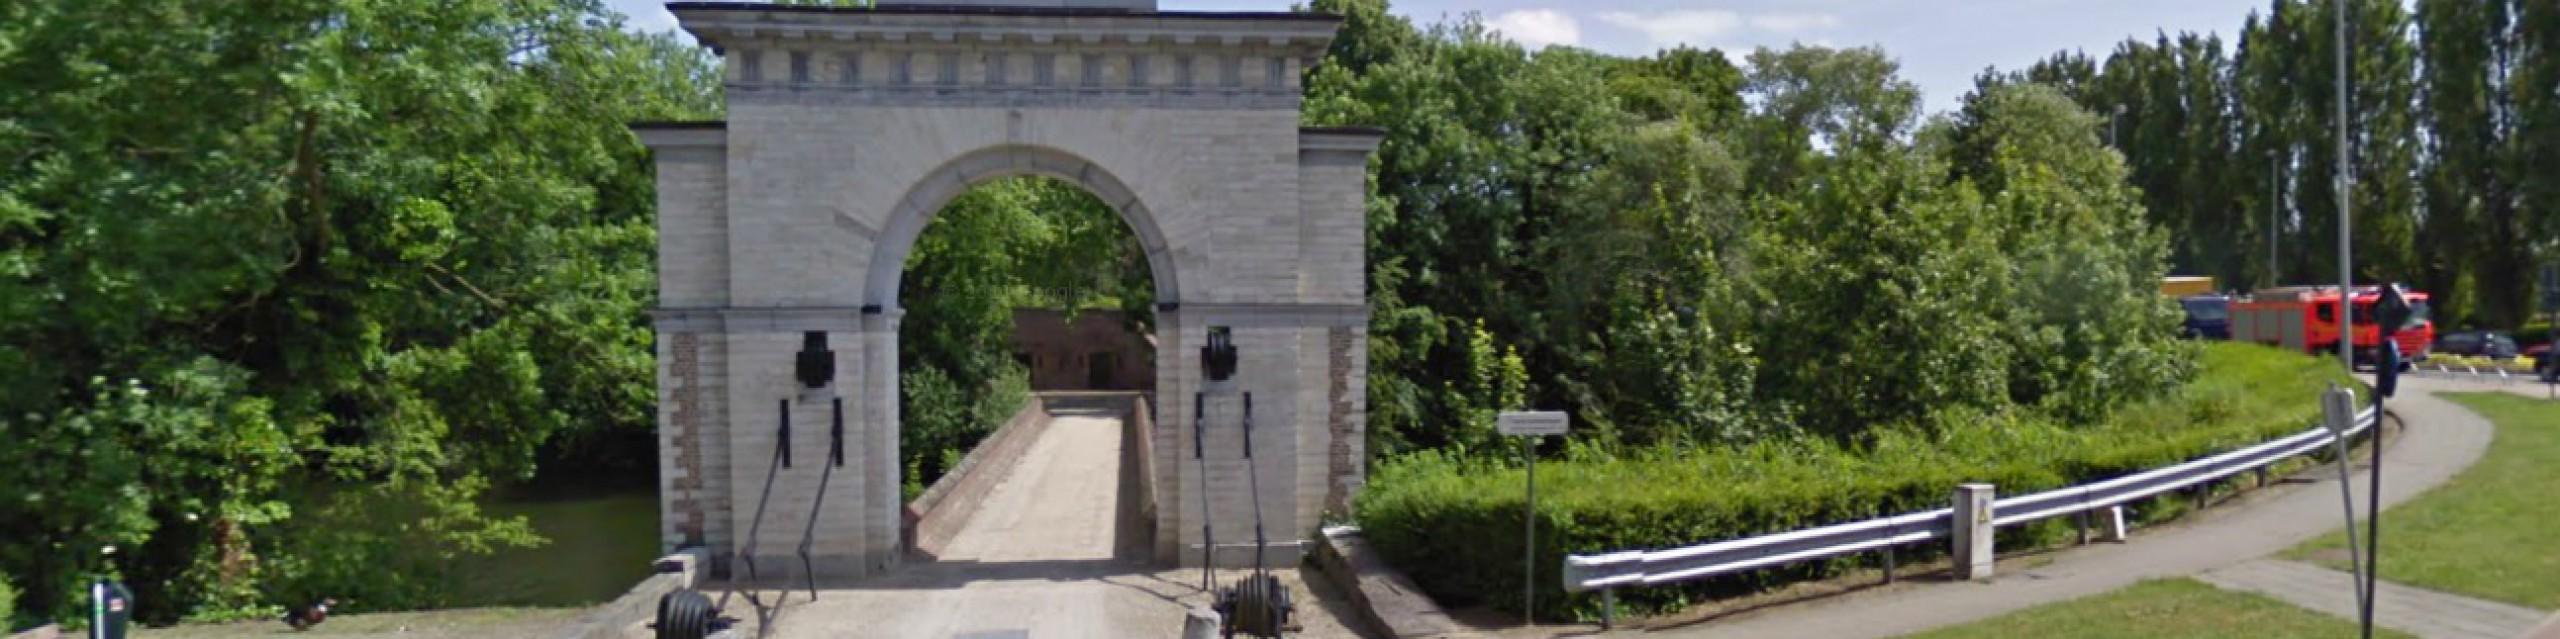 cropped-stadpark-brusselse-poort.jpg